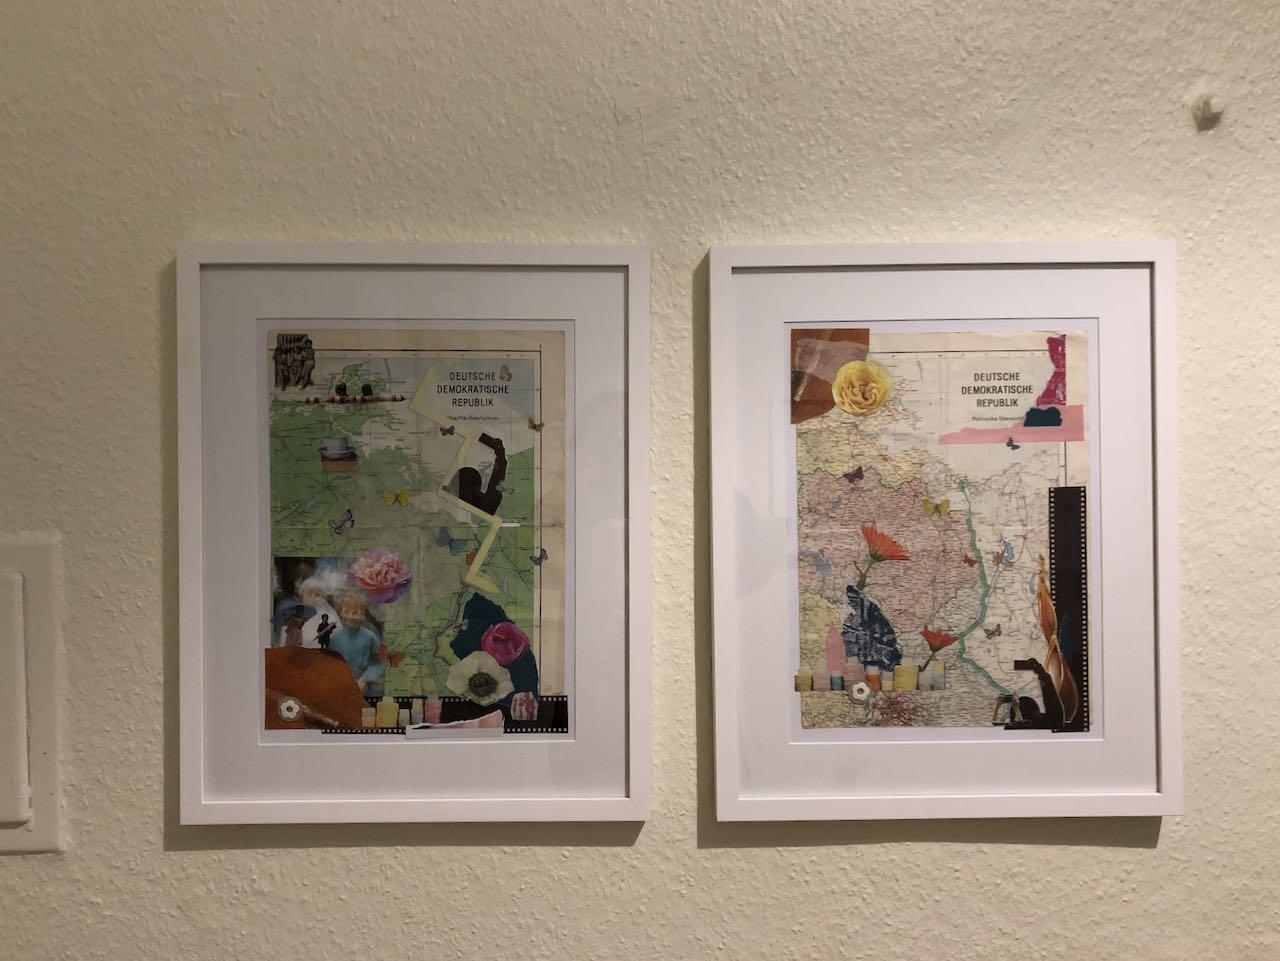 Veränderung 1 und 2 Collage, Materialmix, 2018, (c) Doreen Trittel